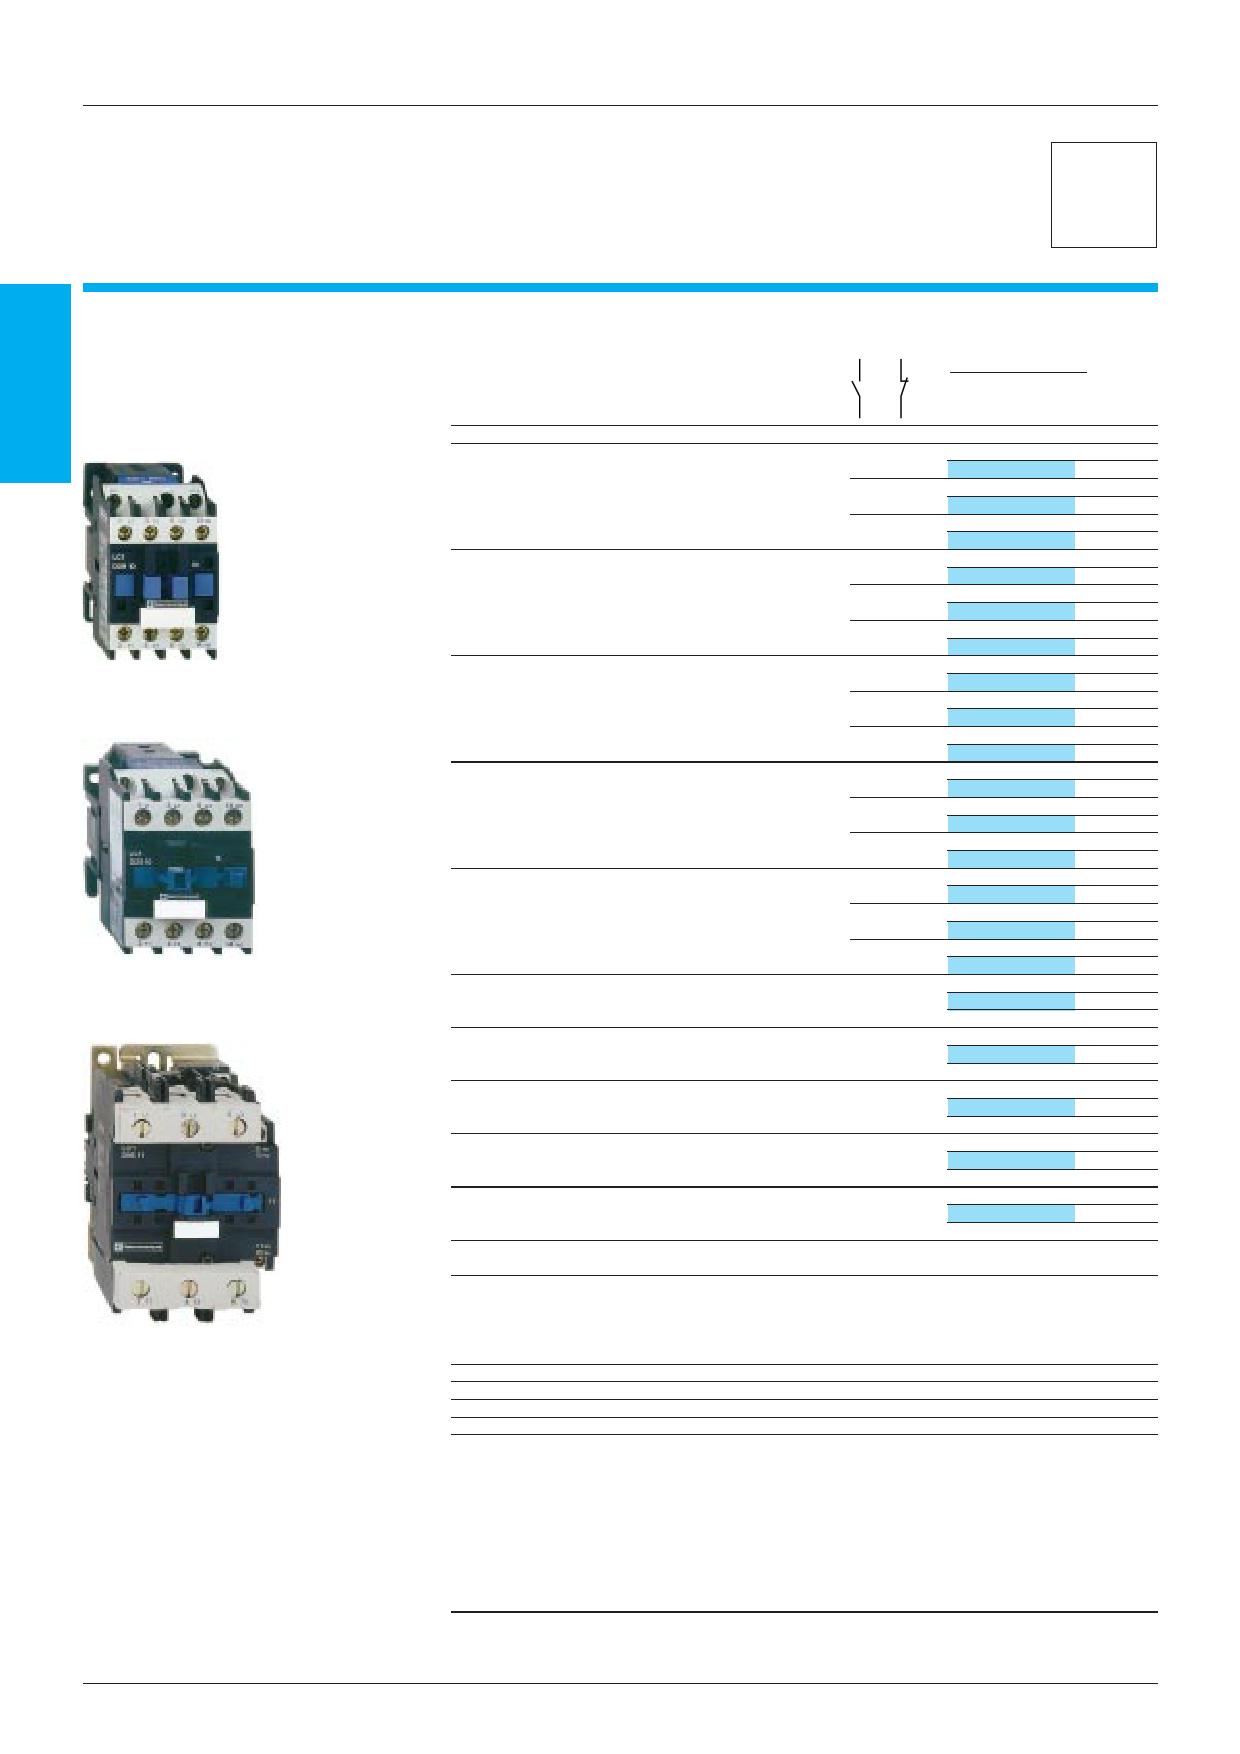 LC1-D9511xx datasheet